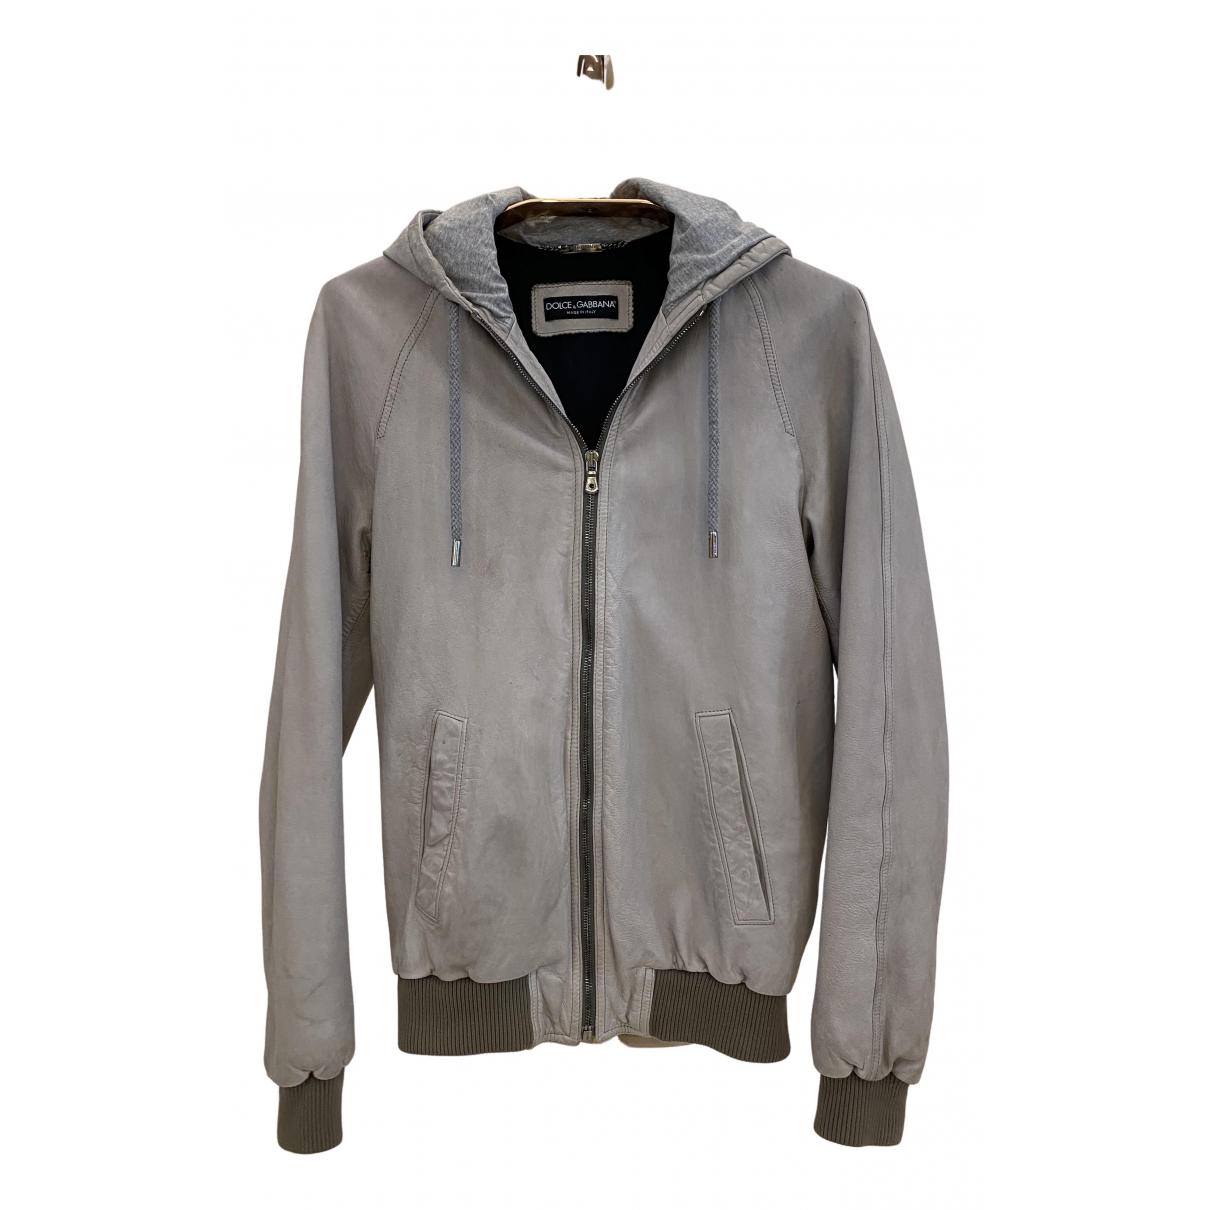 Dolce & Gabbana - Vestes.Blousons   pour homme en cuir - gris